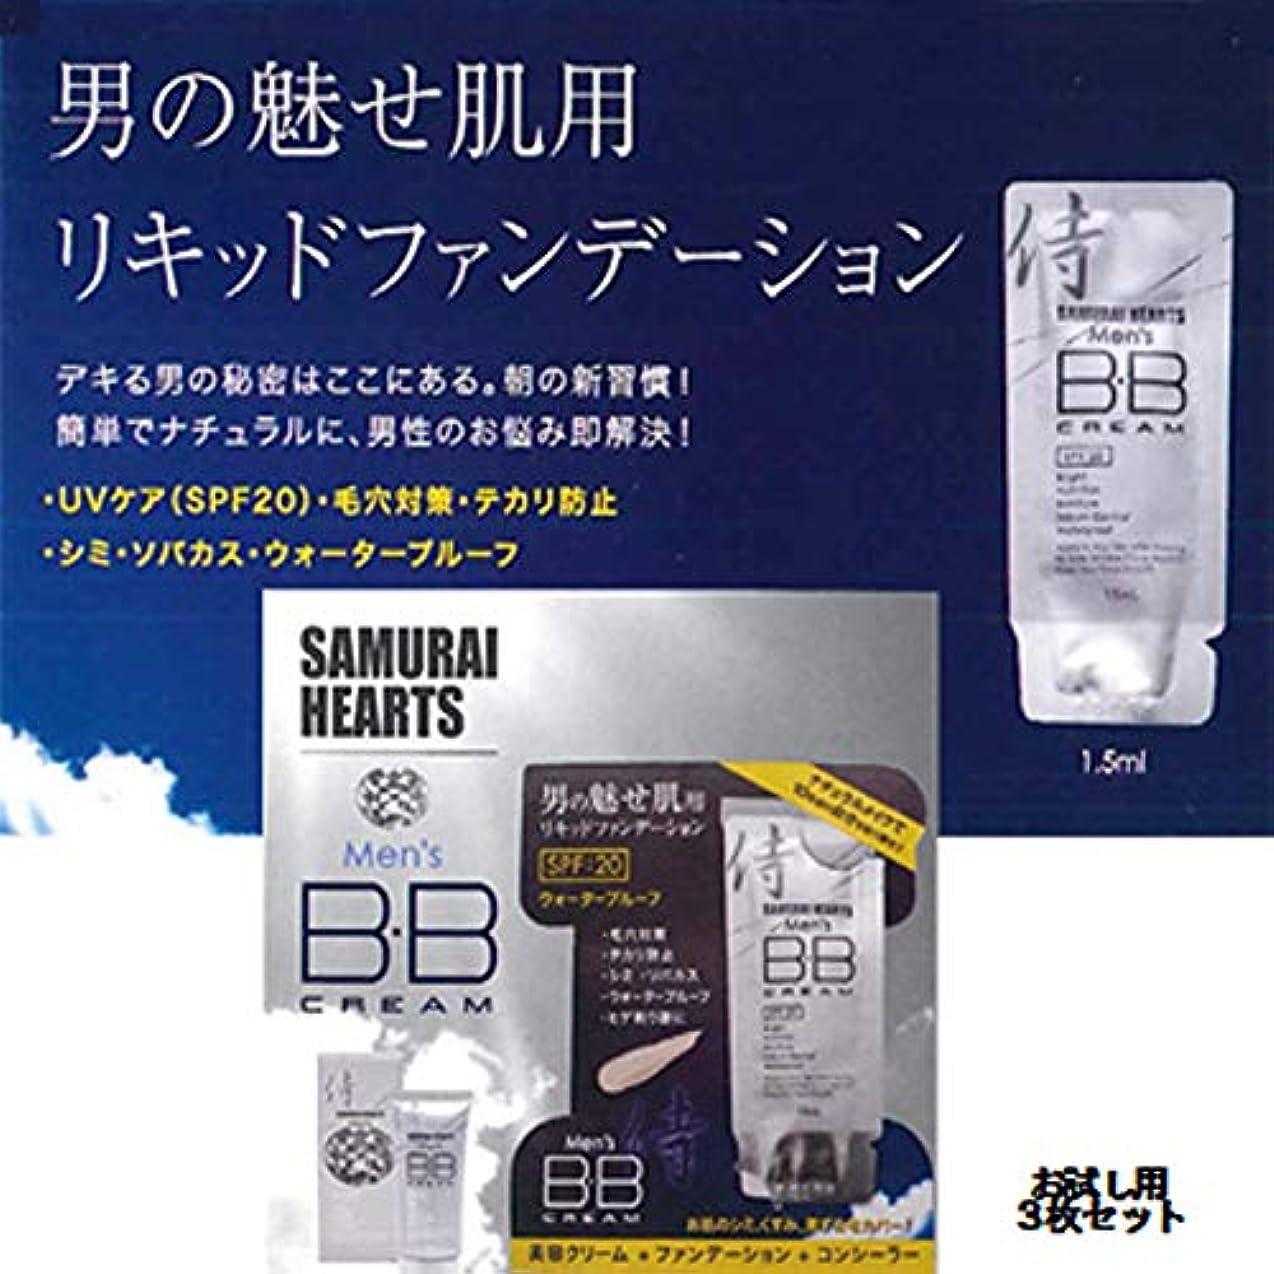 テニス水銀の滑りやすいサムライハーツ BBクリーム SPF20 パウチ1.5ml 3枚入 お試し用